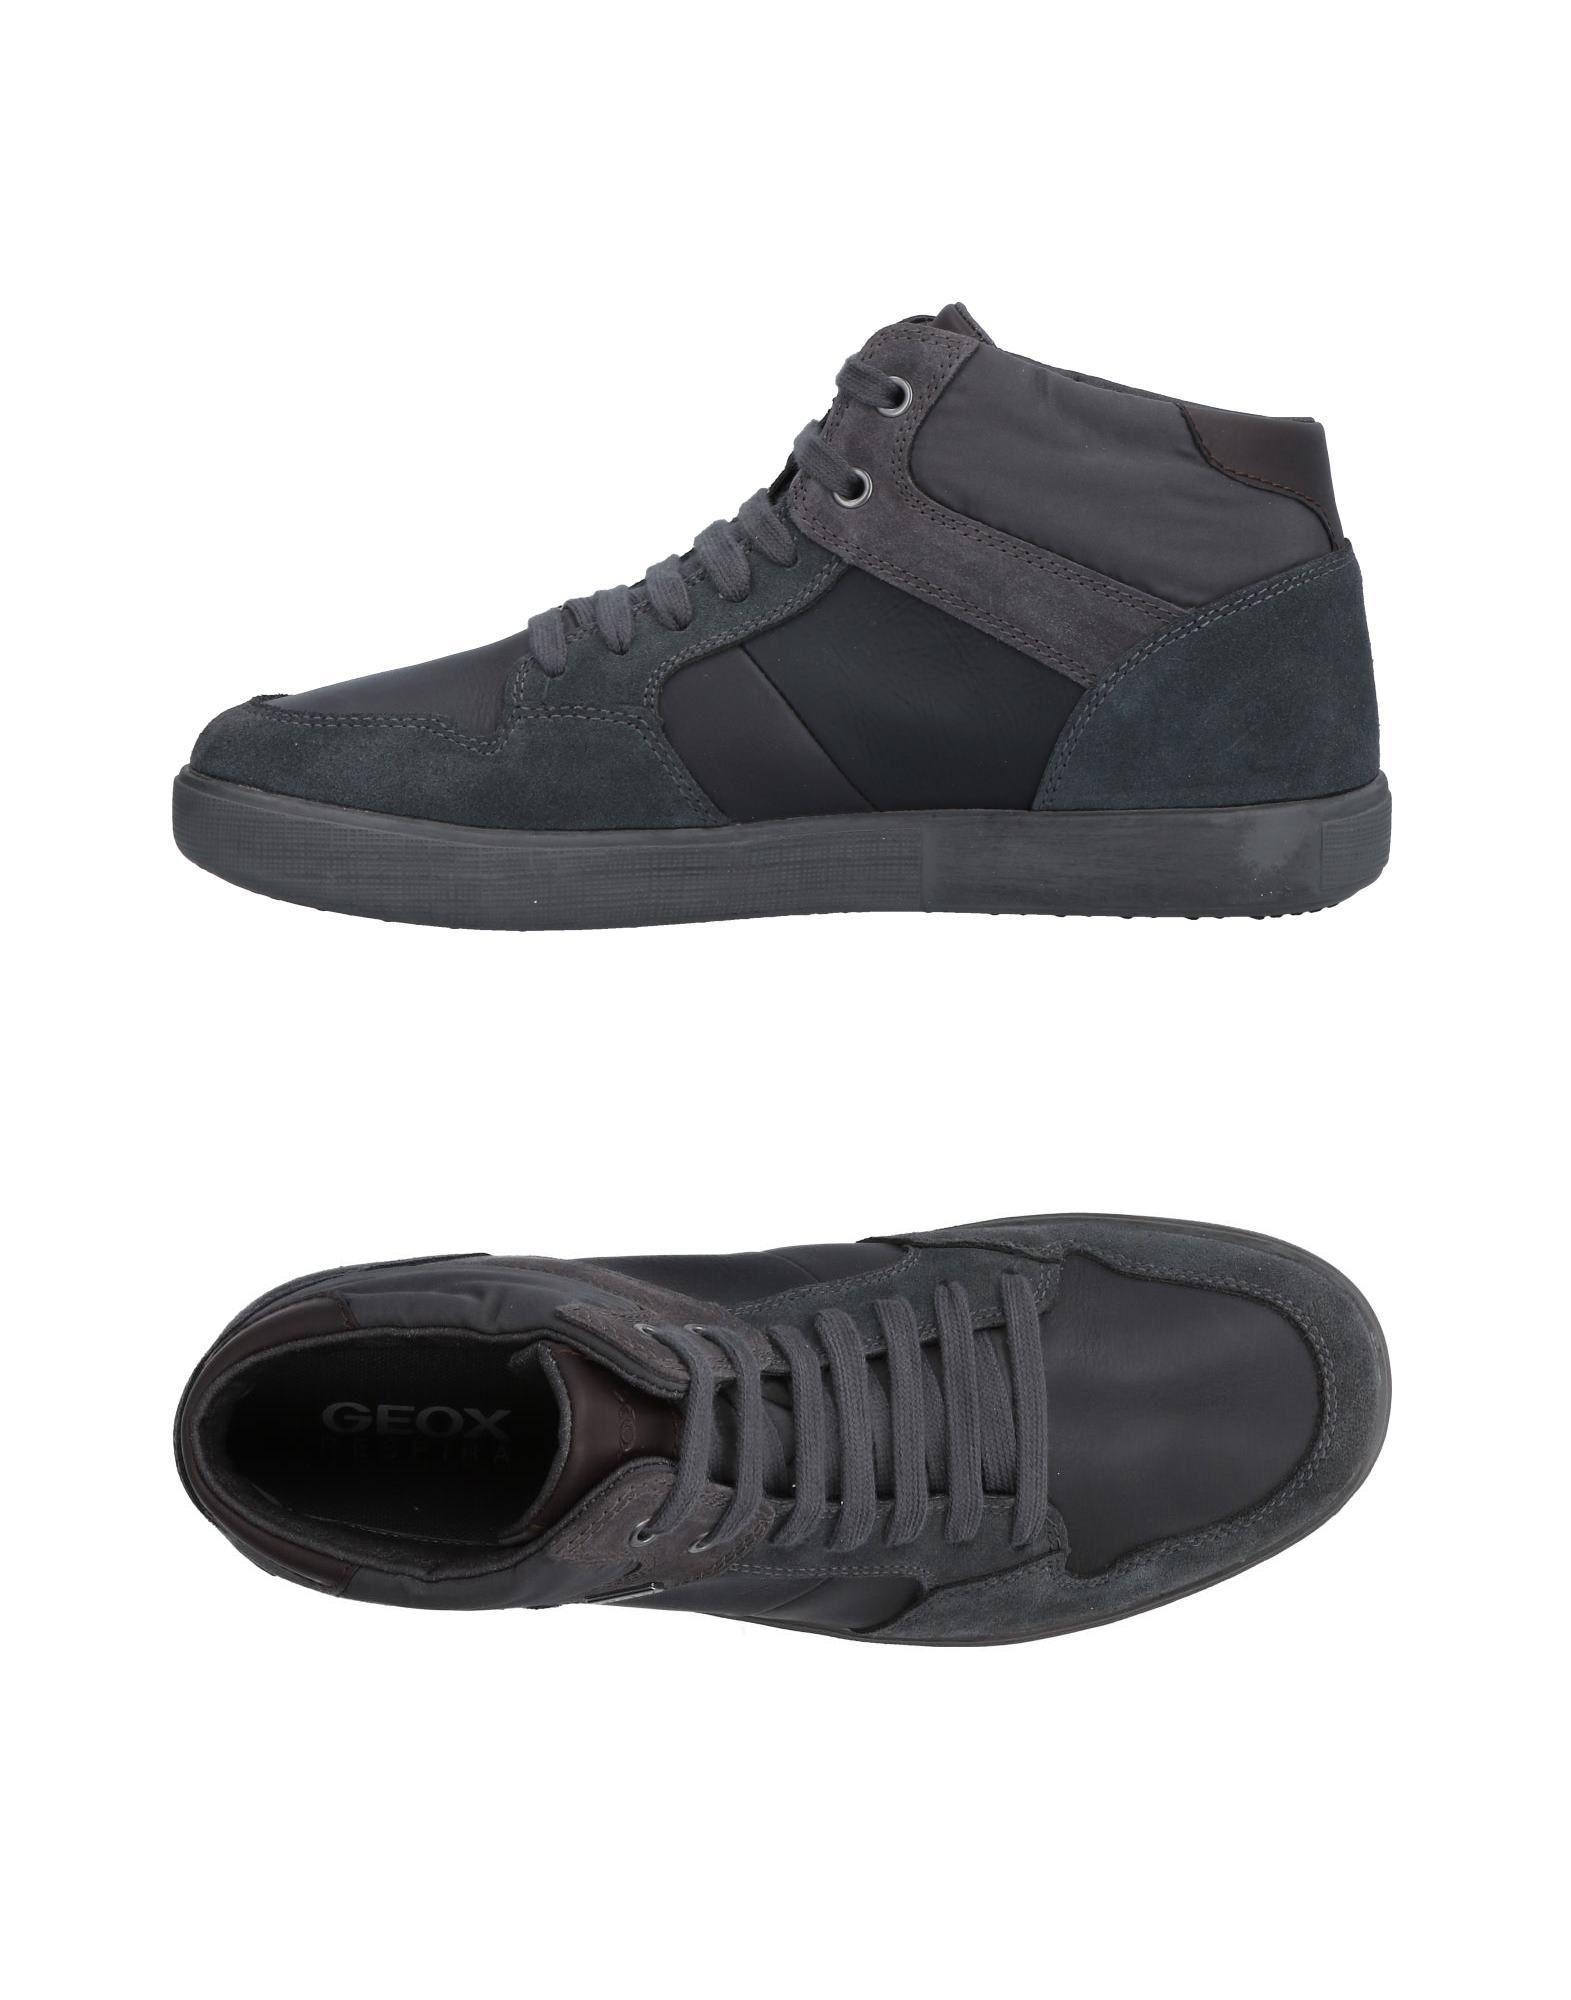 Rabatt echte Schuhe Geox Sneakers Herren  11496748VH